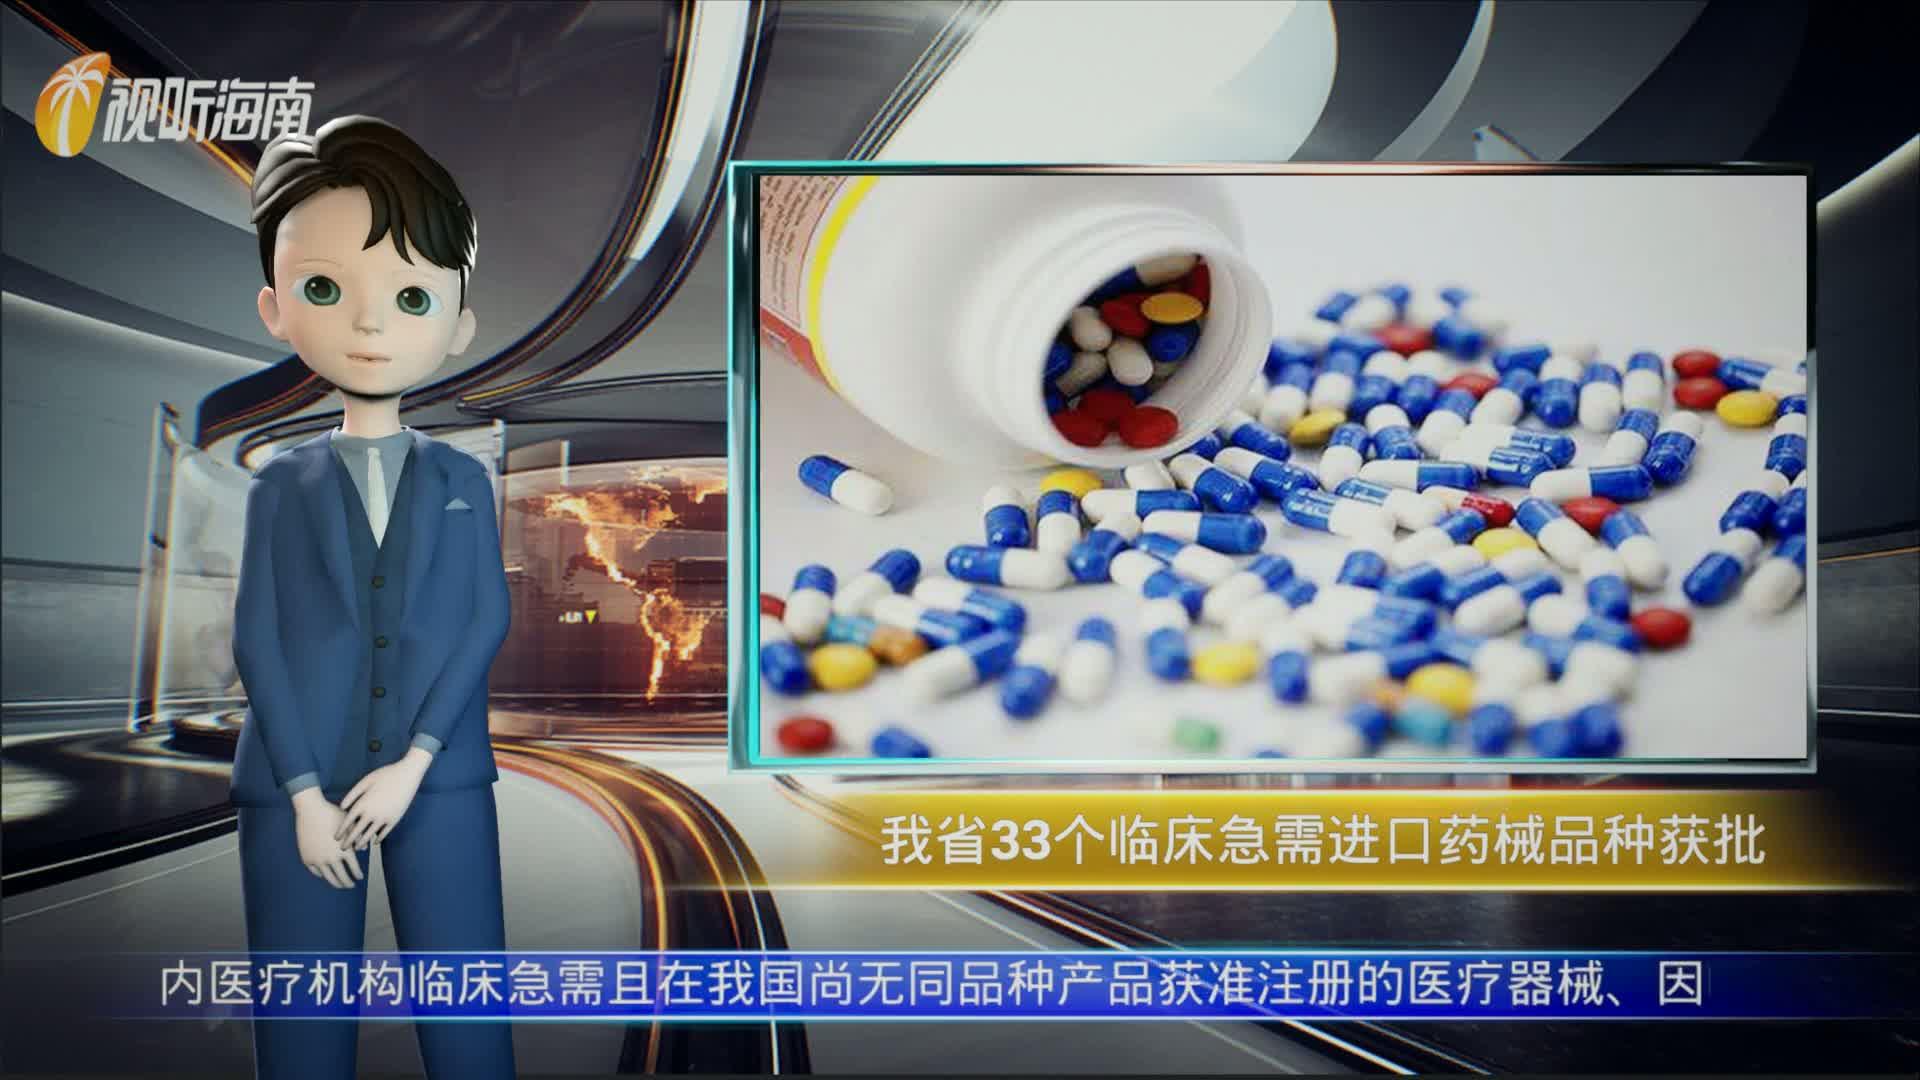 AI播报|海南33个临床急需进口药械品种获批